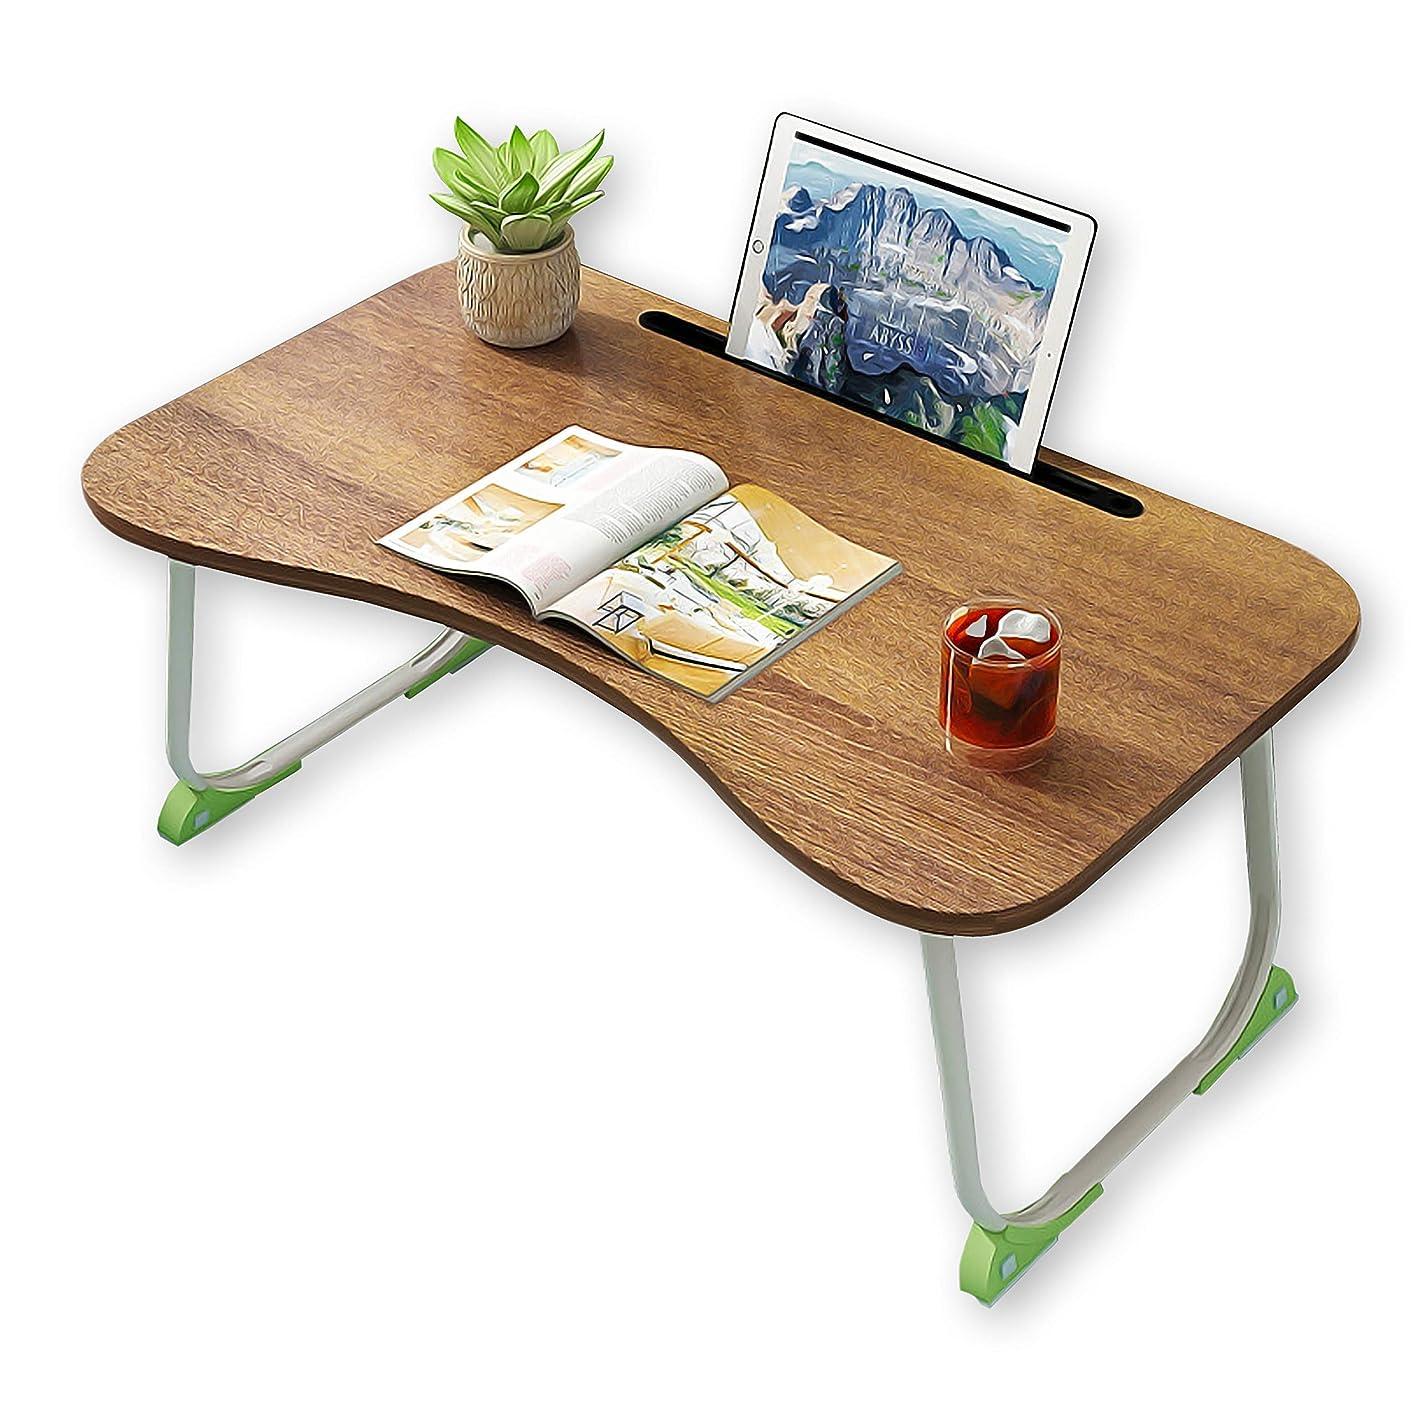 毒パッドパッド60*40CM テーブル ローテーブル 折りたたみテーブル 座卓軽量 ちゃぶ台 耐荷重75kg 折れ脚テーブル 折りたたみ式 pcテーブル 折り畳みテーブル 机折りたたみ ミニテーブル 一人暮らし 簡易テーブル